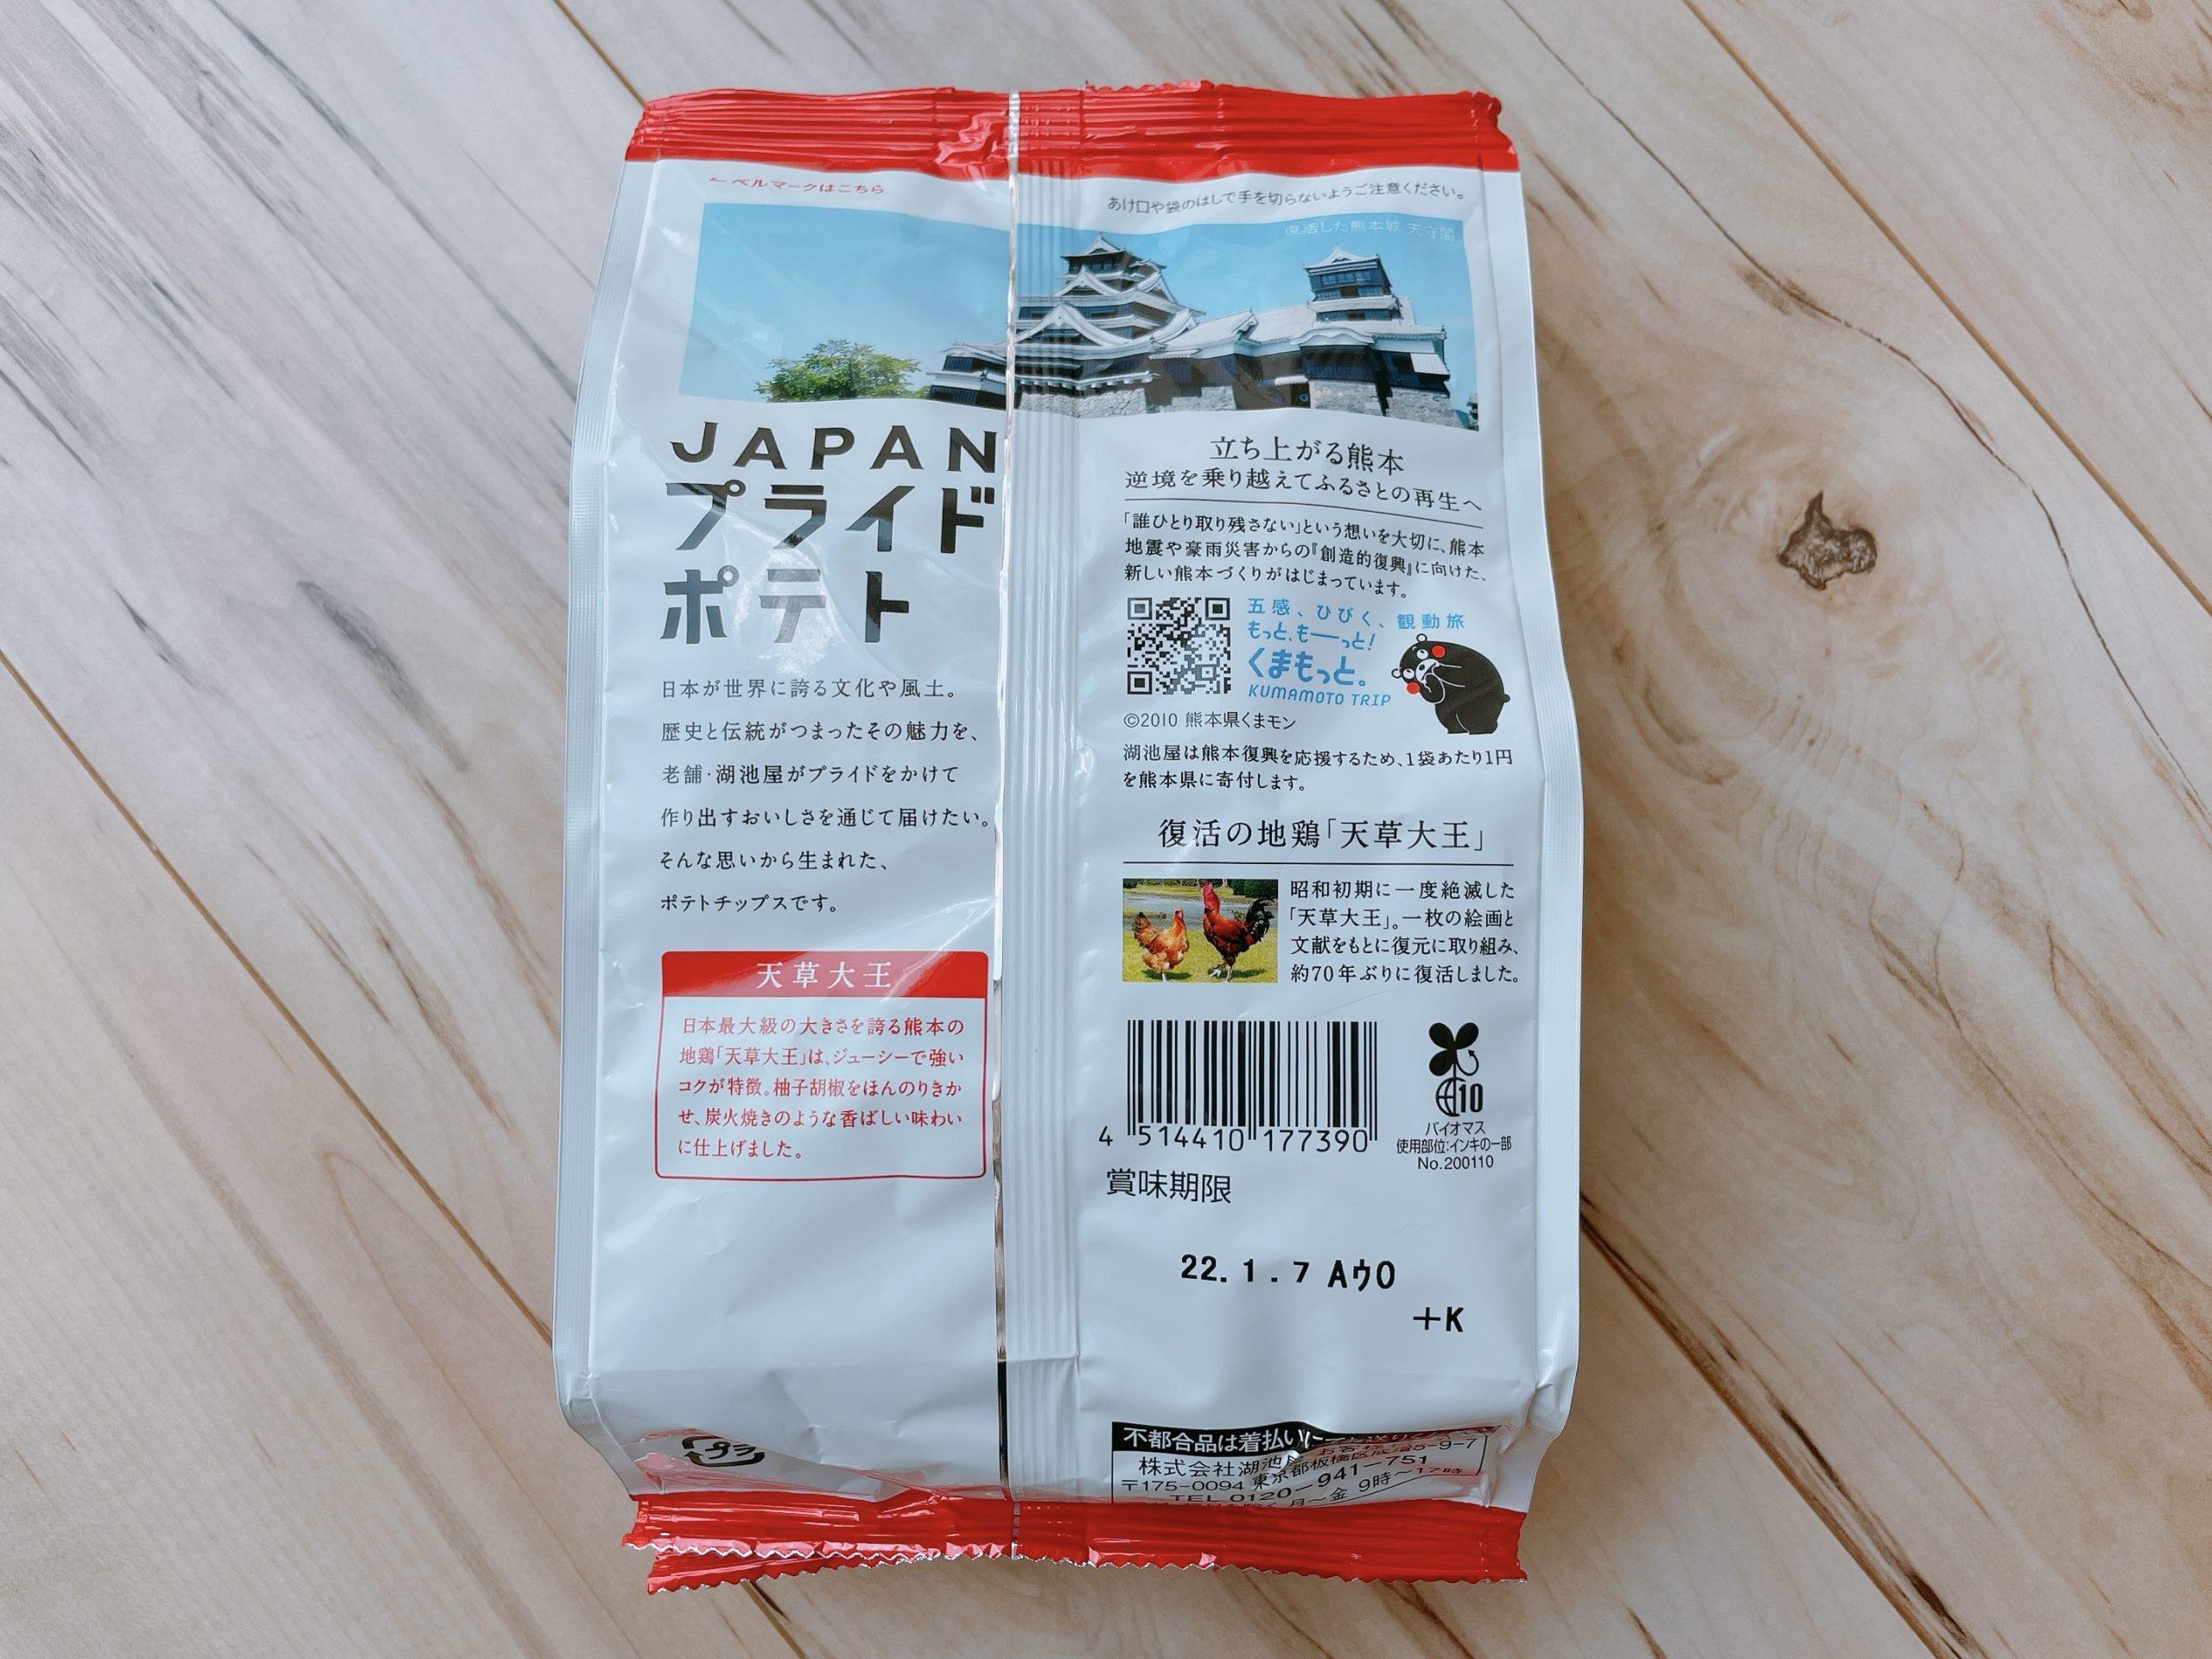 プライドポテト<熊本 復活の地鶏>のパッケージ裏